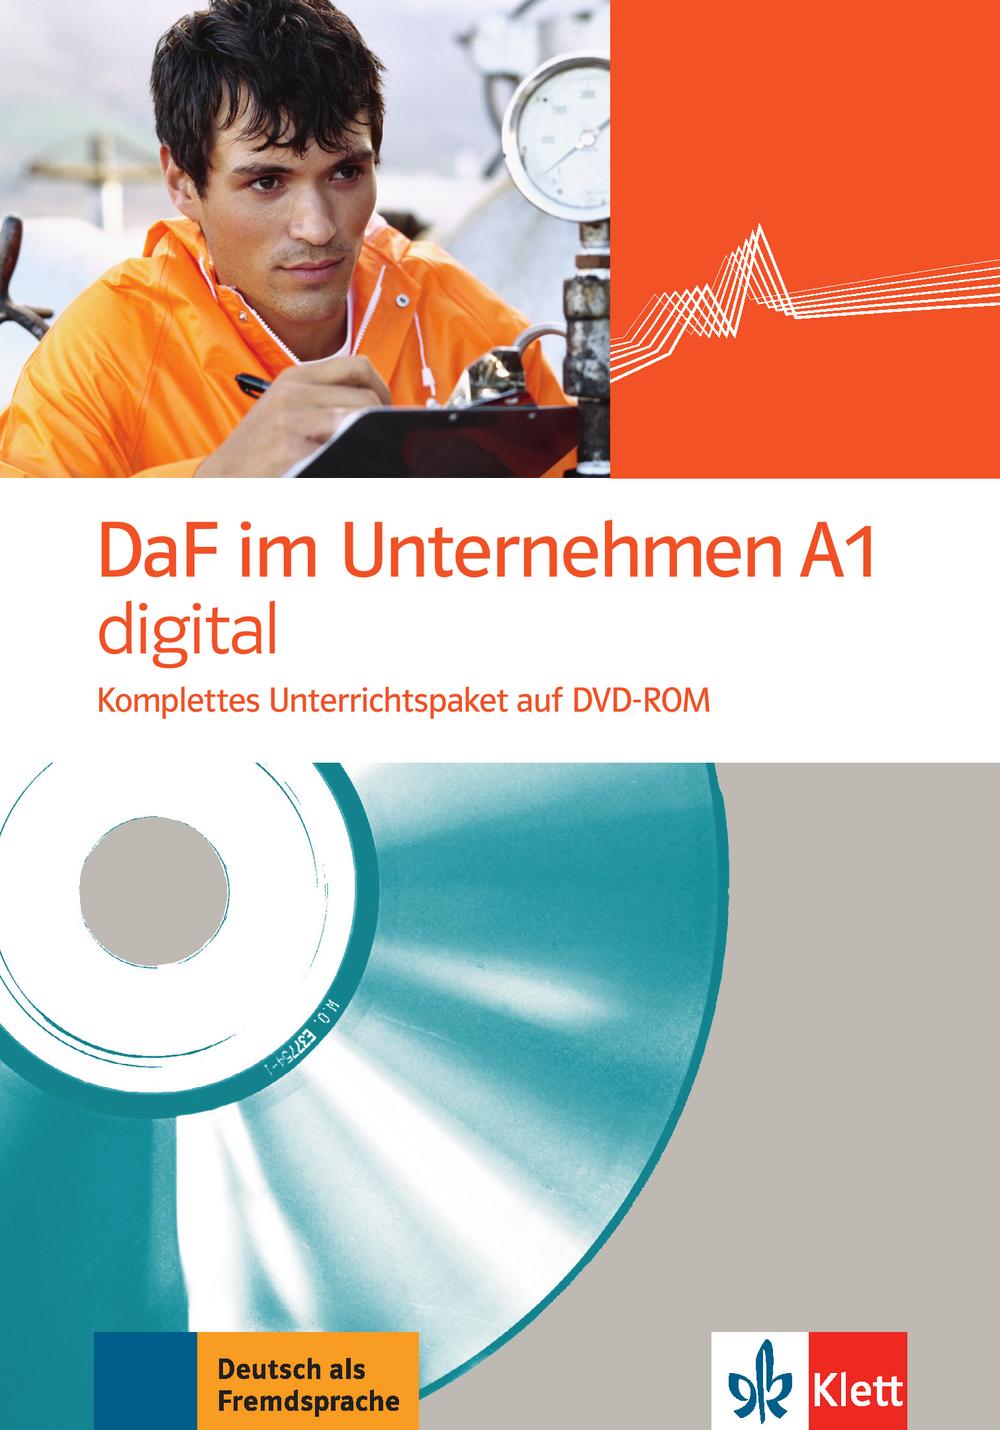 DaF im Unternehmen A1 digital